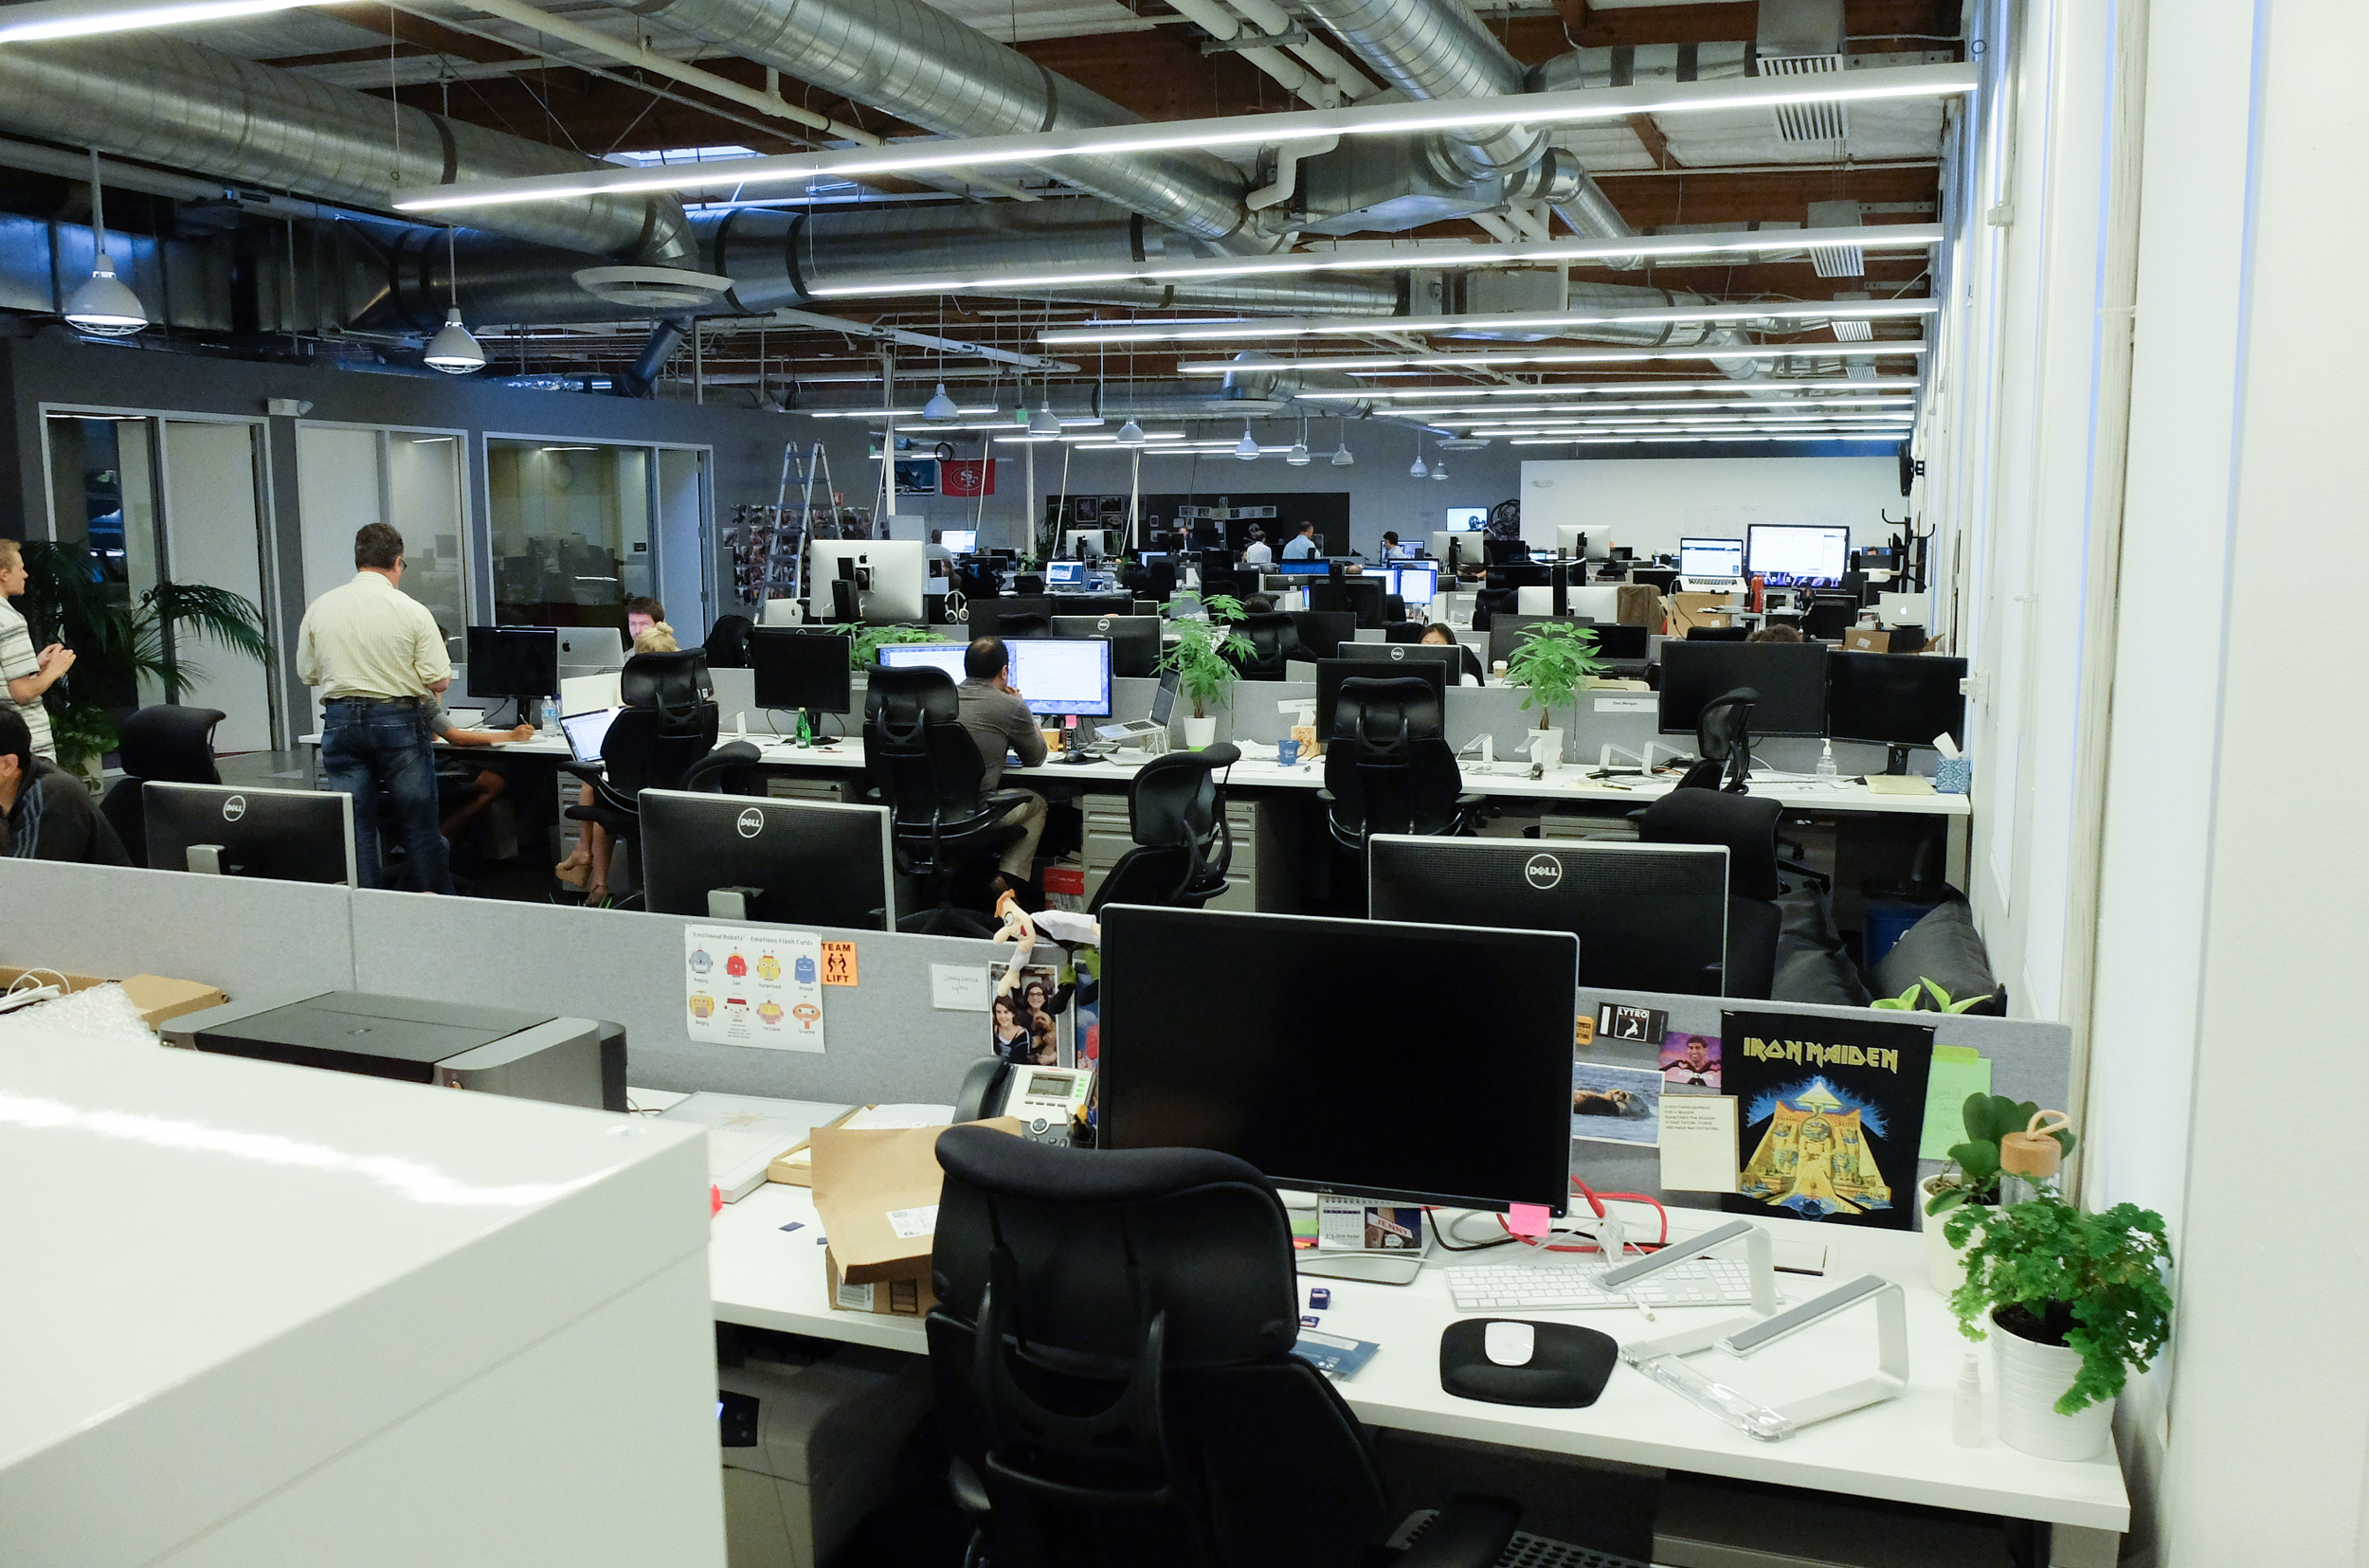 Das «Lytro-Brain» in Mountain View. Rund 120 Personen treiben die Lichtfeld-Technologie voran. In unmittelbarer Nachbarschaft befinden sich die grossen Brands Google und Microsoft. Ob Lytro auch einmal einen solchen Stellenwert erreichen wird? Die Zukunft wird's zeigen.